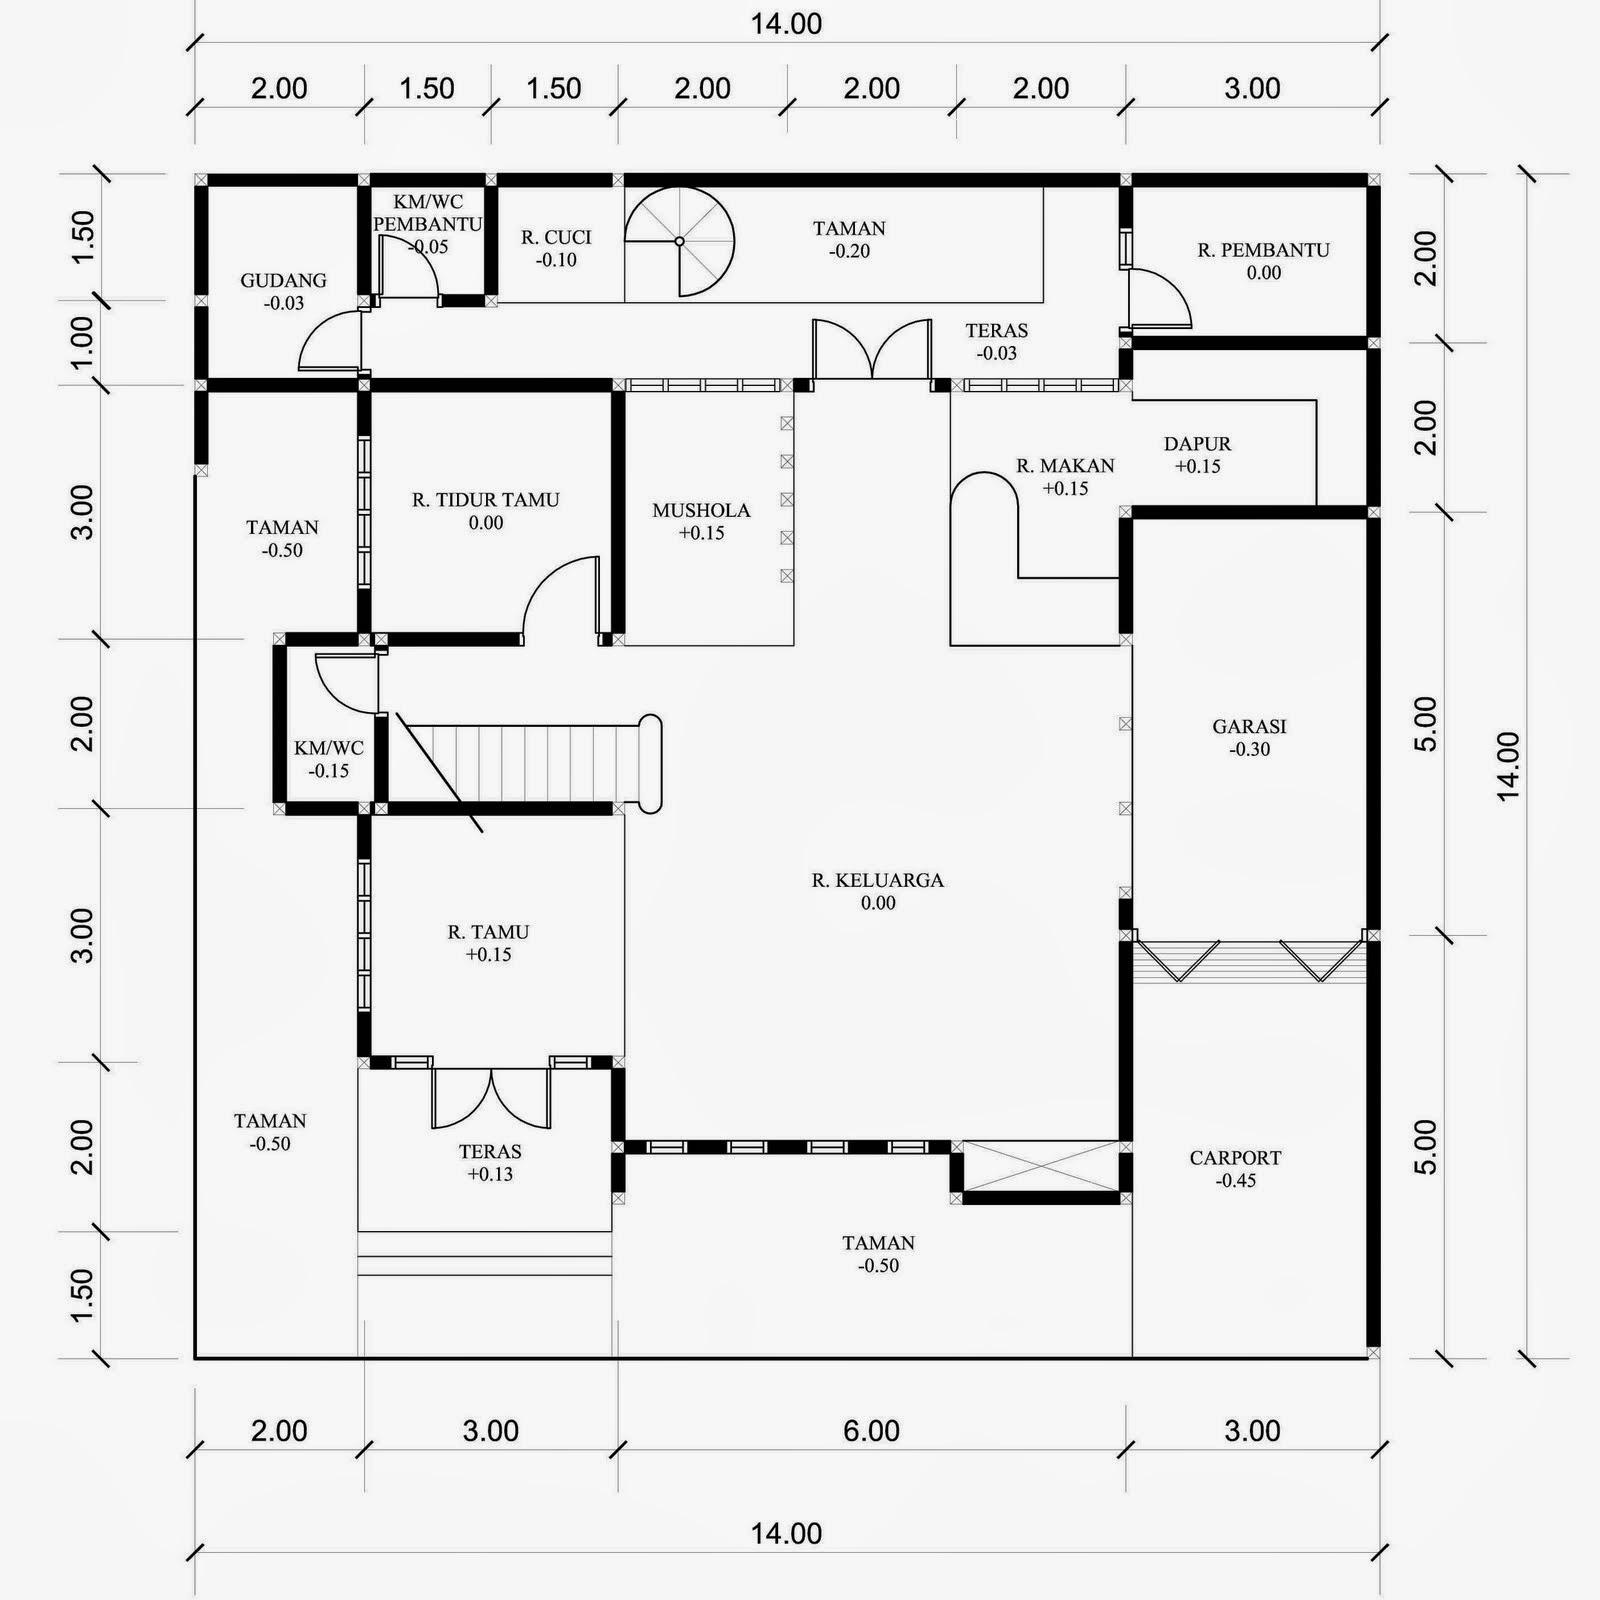 Desain Rumah Tipe 30 Tanah - Desain Rumah Sederhana Type 36 Gambar Desain Model Rumah Minimalis ...